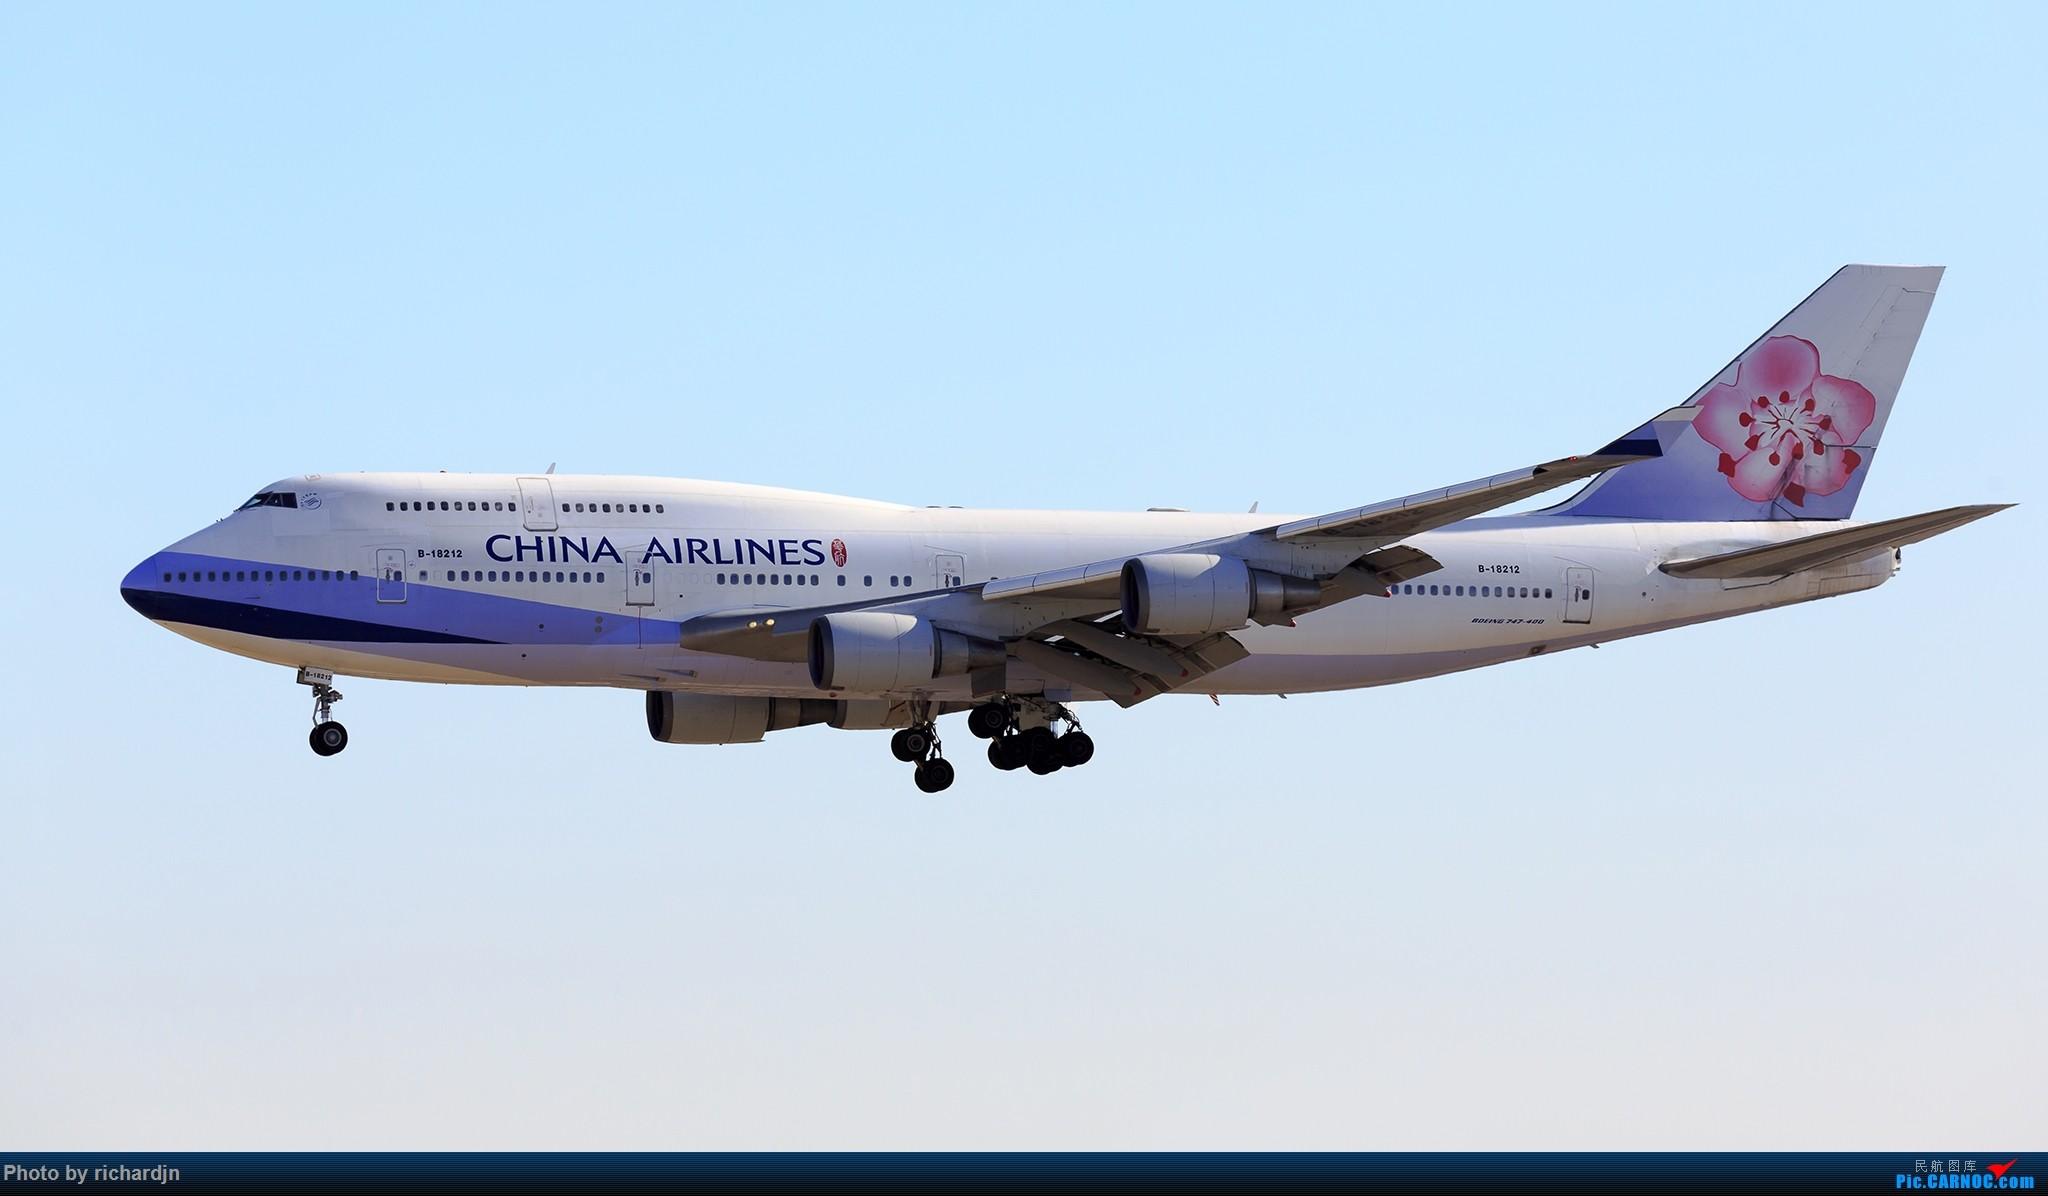 Re:[原创]再迎接华航女王 ZBAA 01进场 BOEING 747-400 B-18212 中国北京首都国际机场